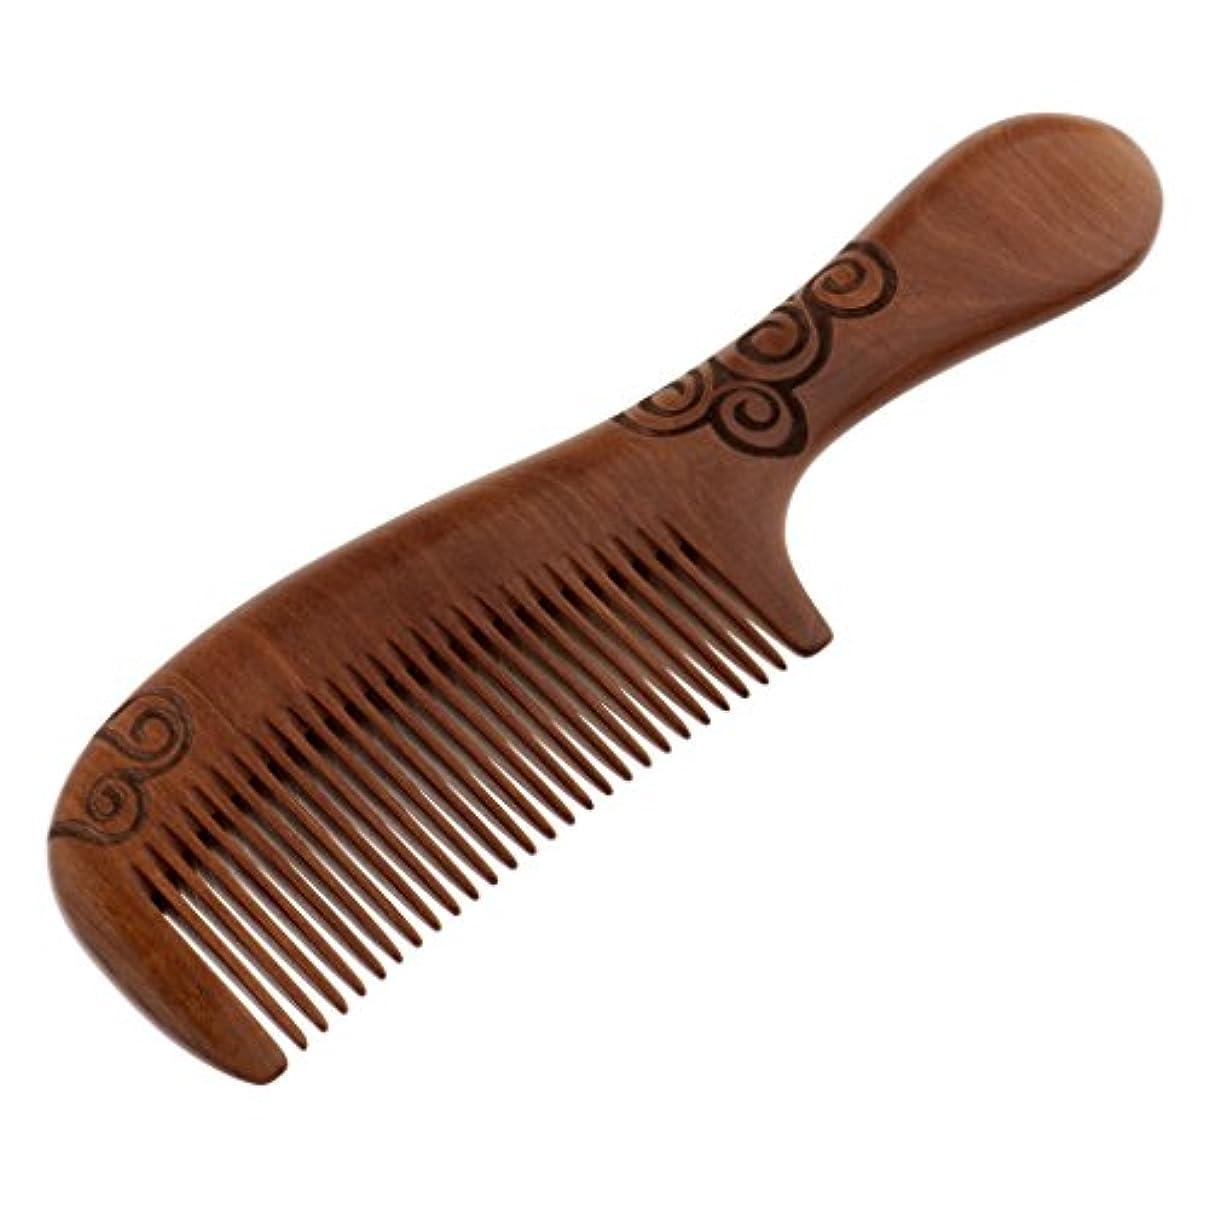 位置づける第二シャワーToygogo くし コーム 木製 頭皮マッサージ ヘア櫛 木製ヘアコーム ヘアケア 髪の櫛 帯電防止 耐熱性